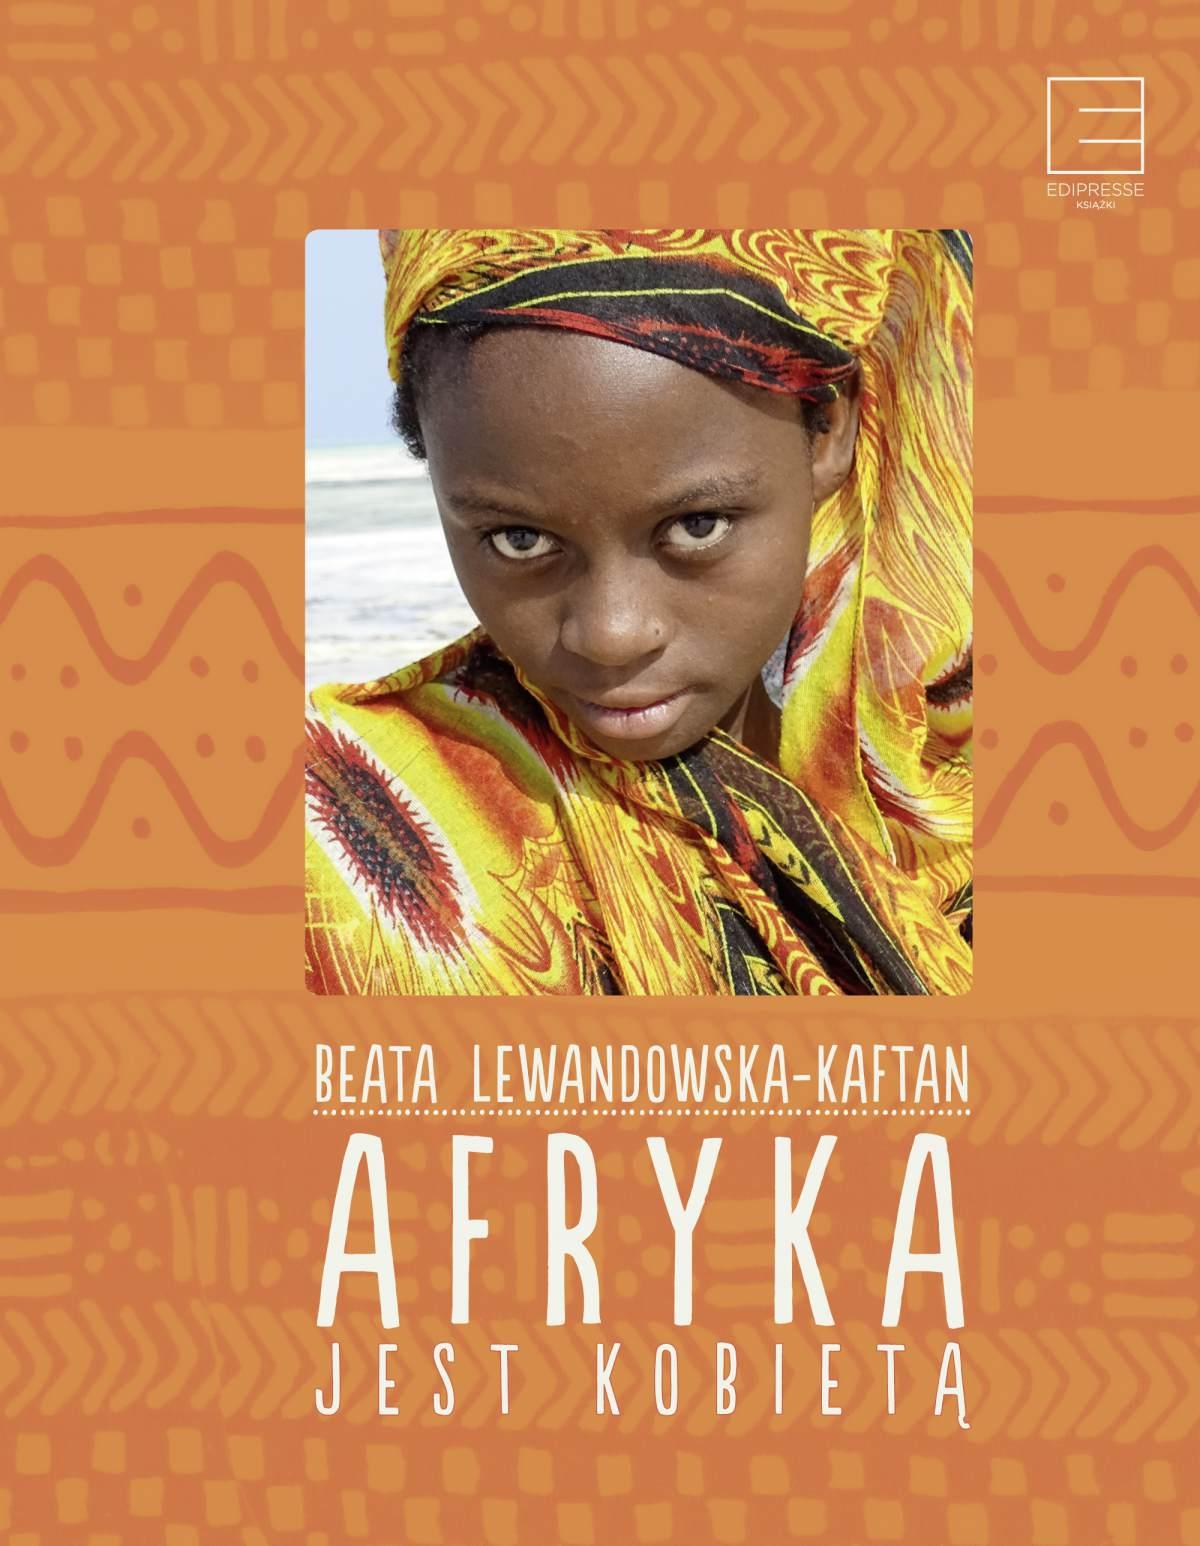 Afryka jest kobietą - Ebook (Książka na Kindle) do pobrania w formacie MOBI